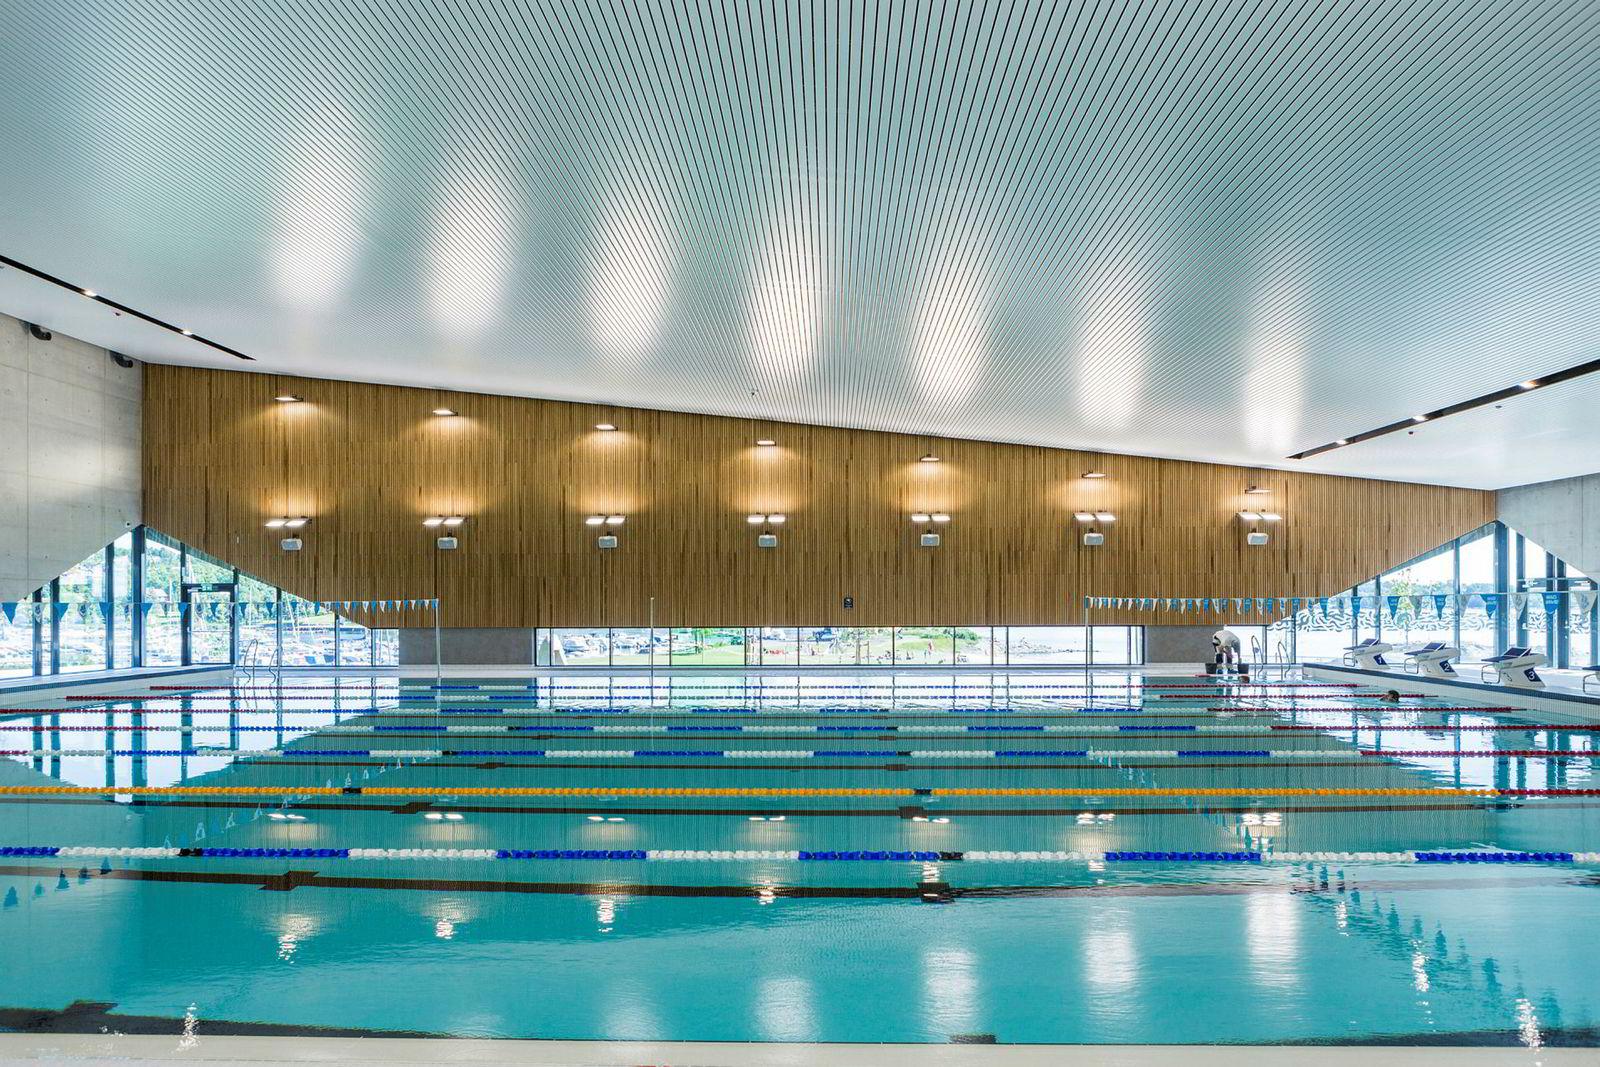 Dekket av solceller og solfangere, bruker Holmen Svømmehall 45 prosent mindre energi enn en tilsvarende hall. Under bakken ligger geobrønner som fylles opp om sommeren og tappes om vinteren. Alt monitoreres og analyseres, slik at så lite energi som mulig går til spille.